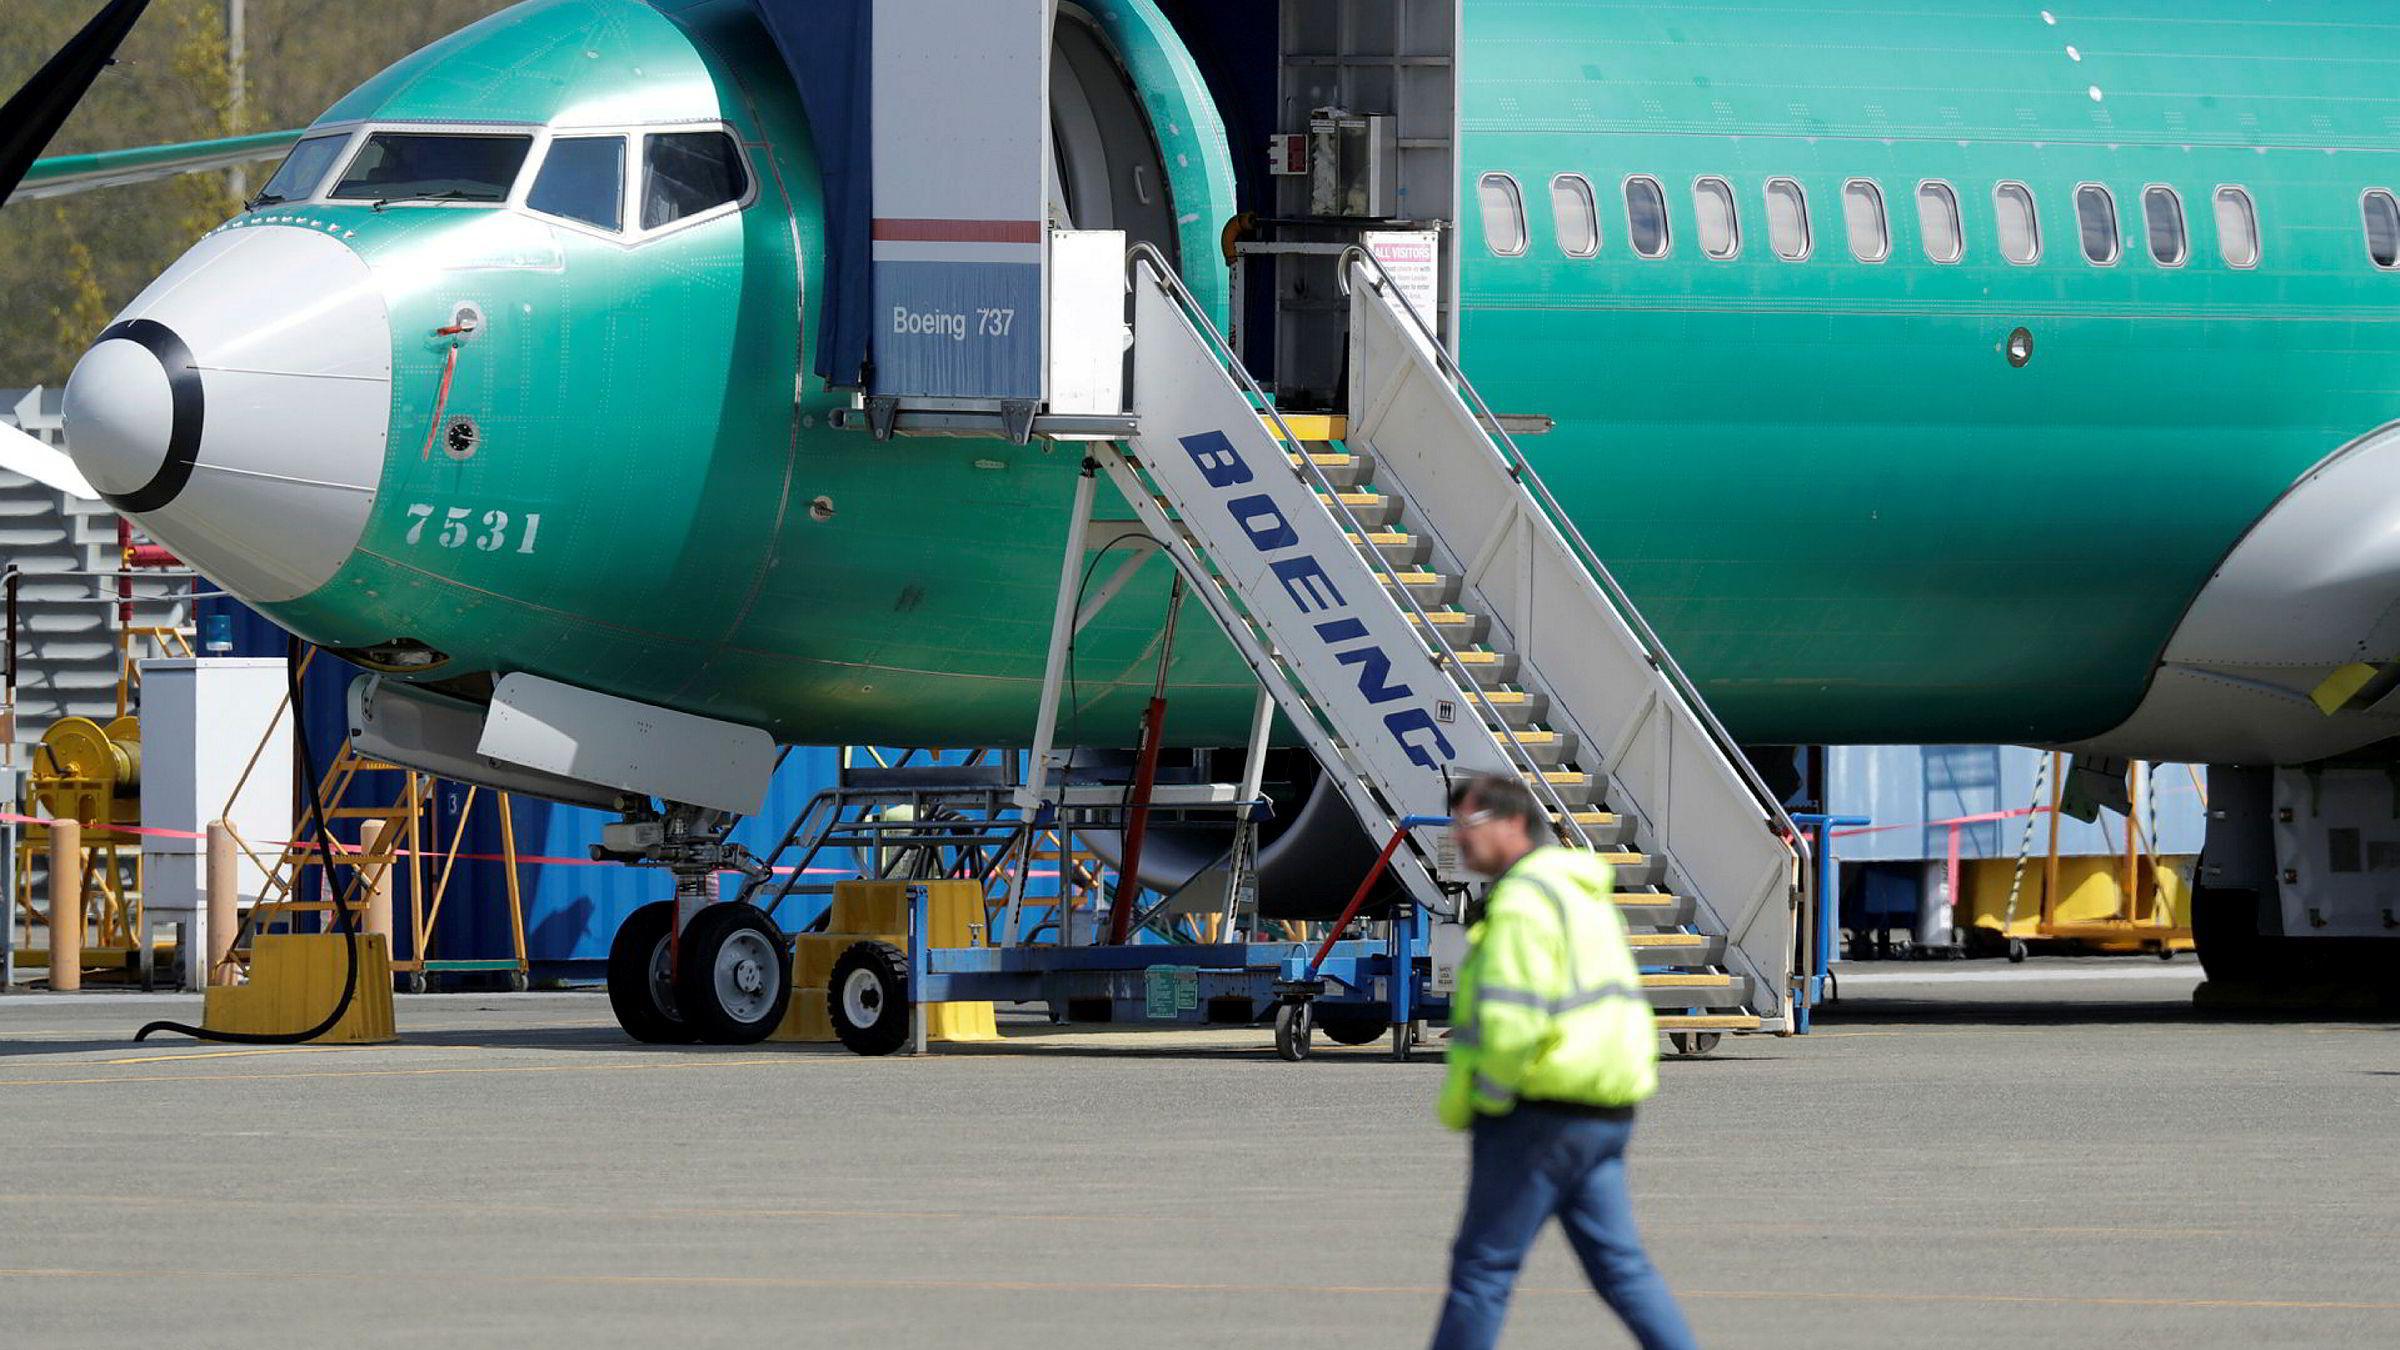 Et passasjerfly av typen Boeing 737 skal ha styrtet like etter avhang i Iran onsdag morgen.